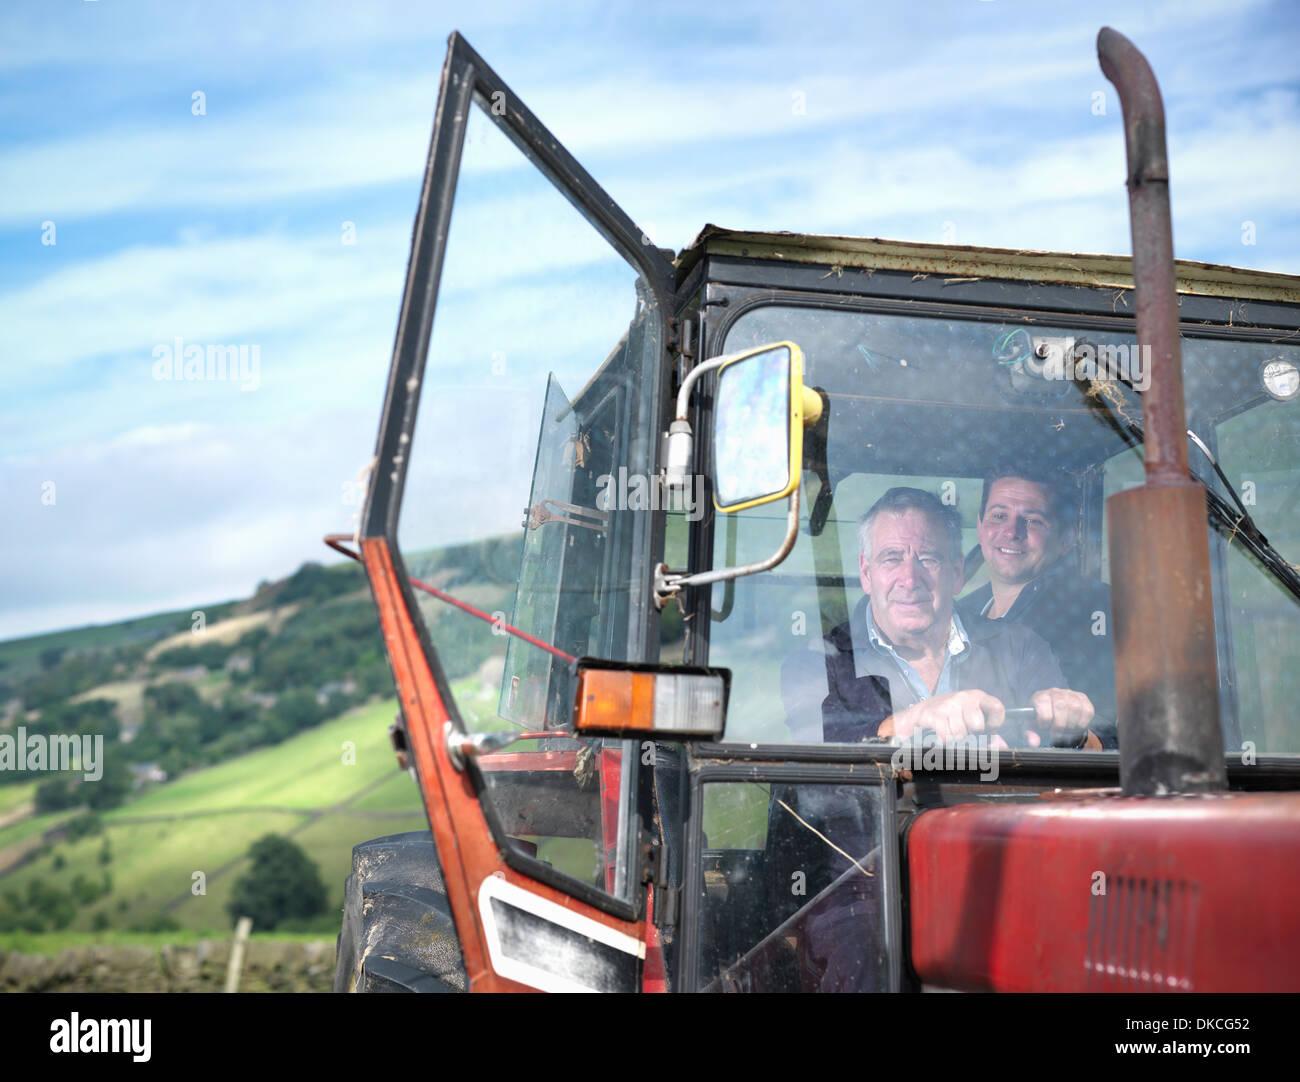 L'agricoltore e figlio nella cabina del trattore, ritratto Immagini Stock